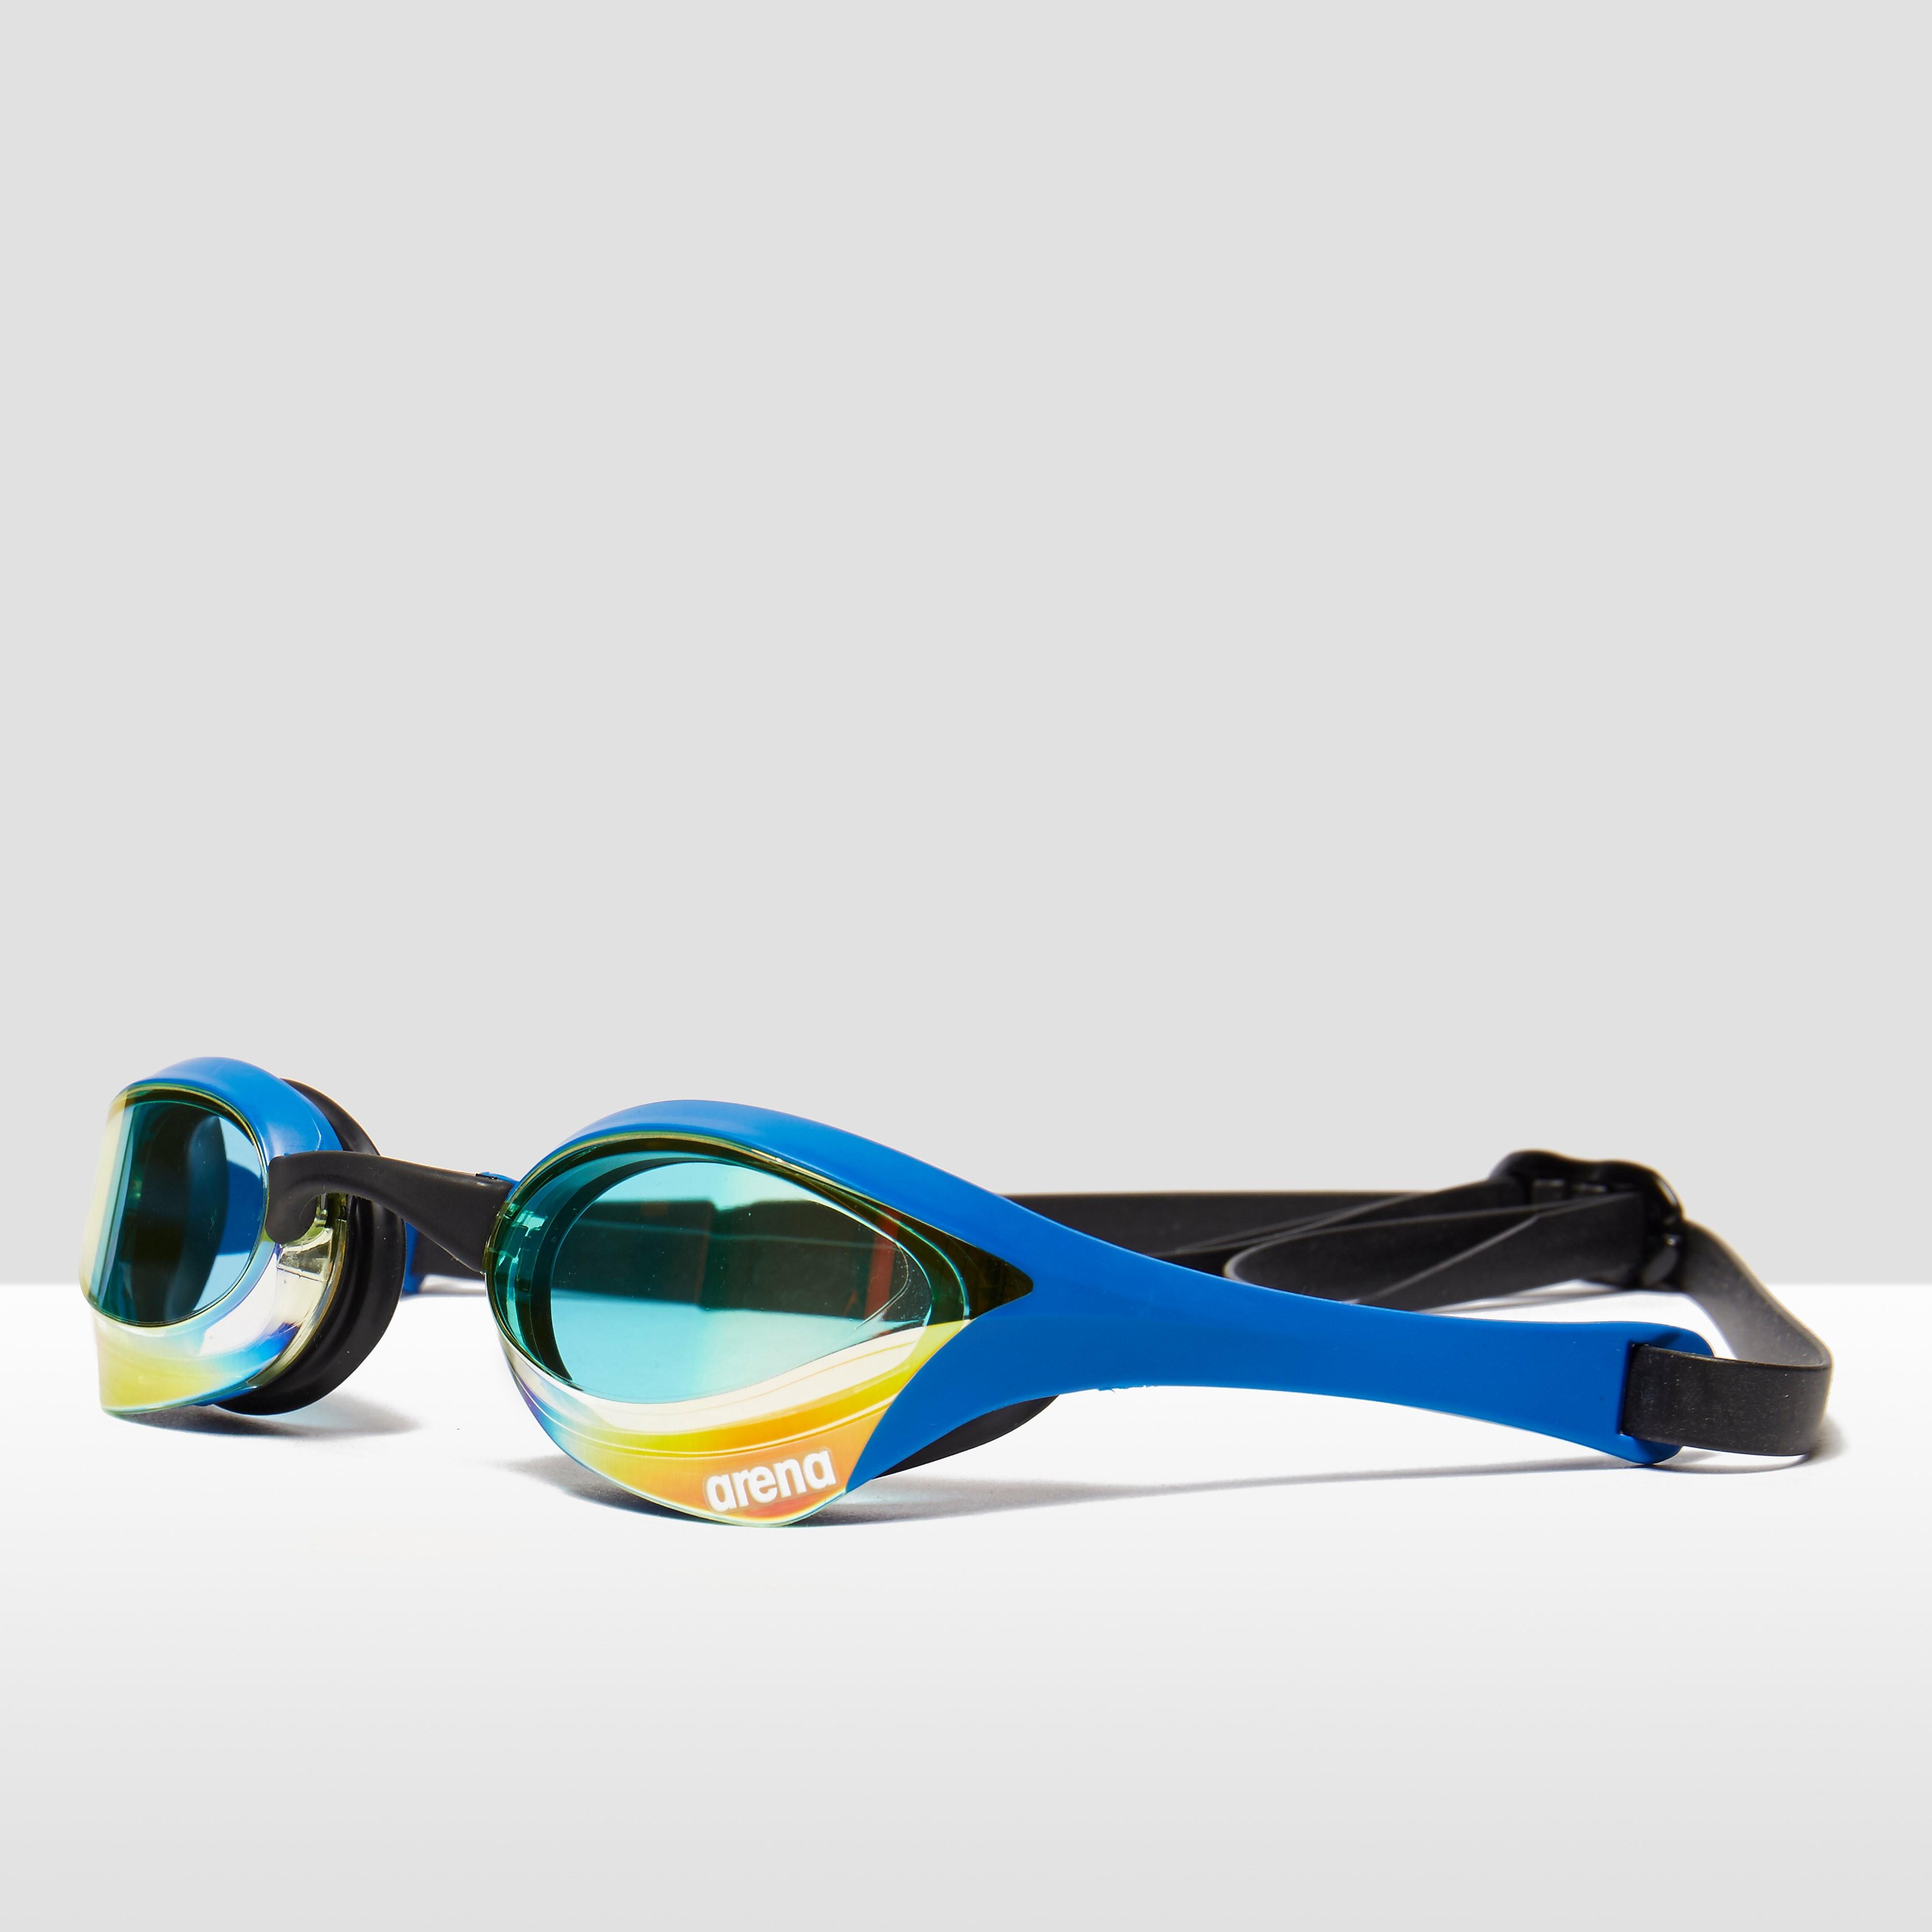 Arena Cobra Ultra Mirror Swimming Goggles